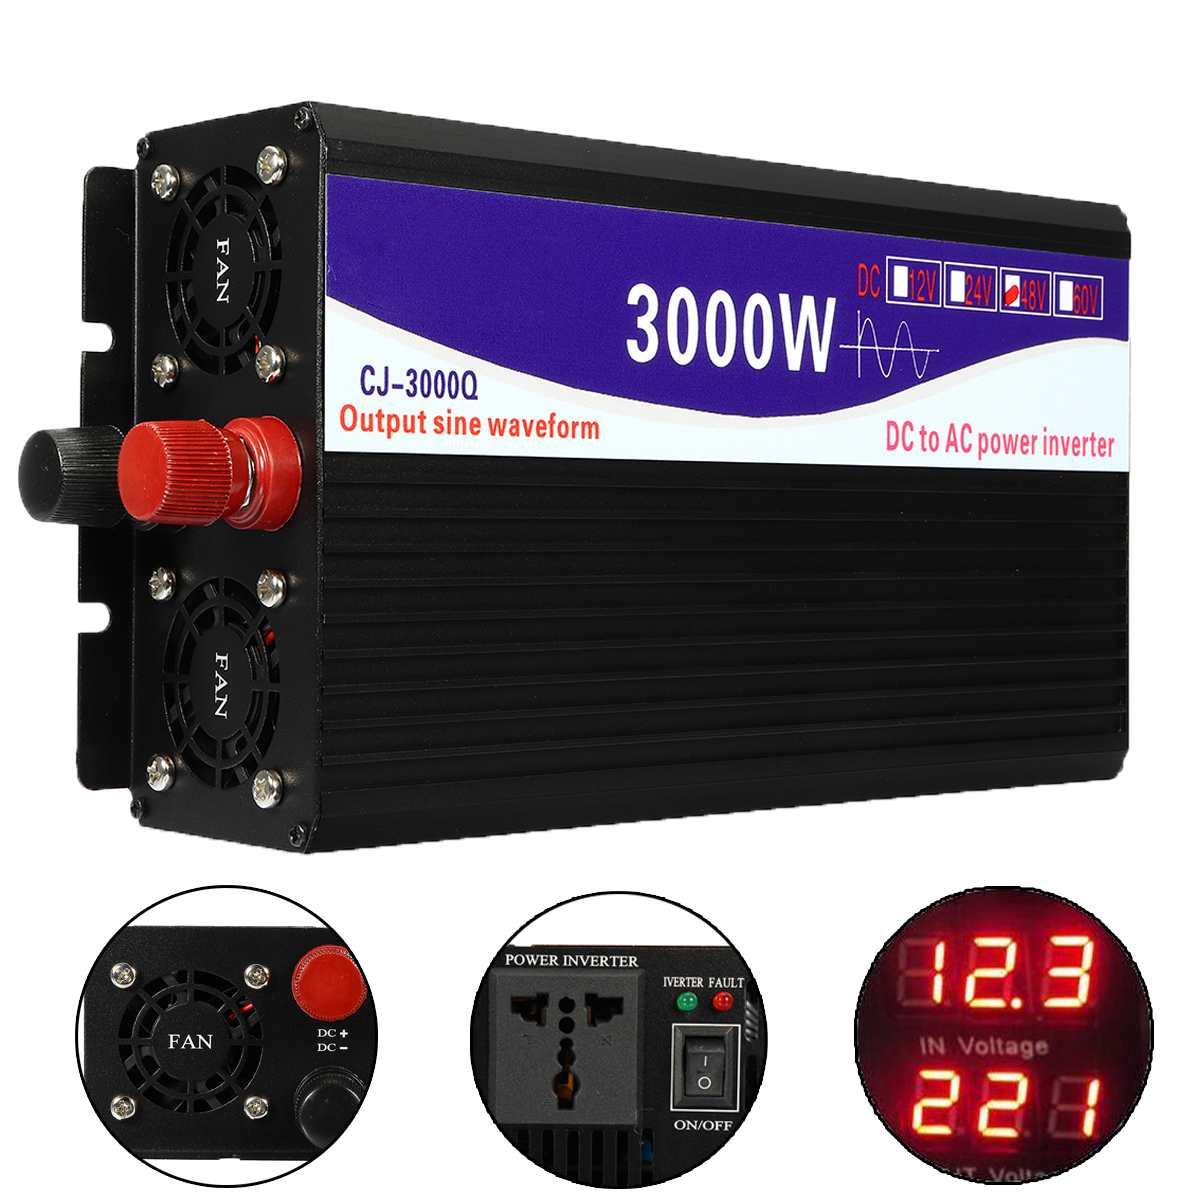 3000 Вт Чистая Синусоидальная волна инвертор 12 В/24 В/48 В до 220 В ЖК-дисплей трансформатор напряжения конвертер для дома